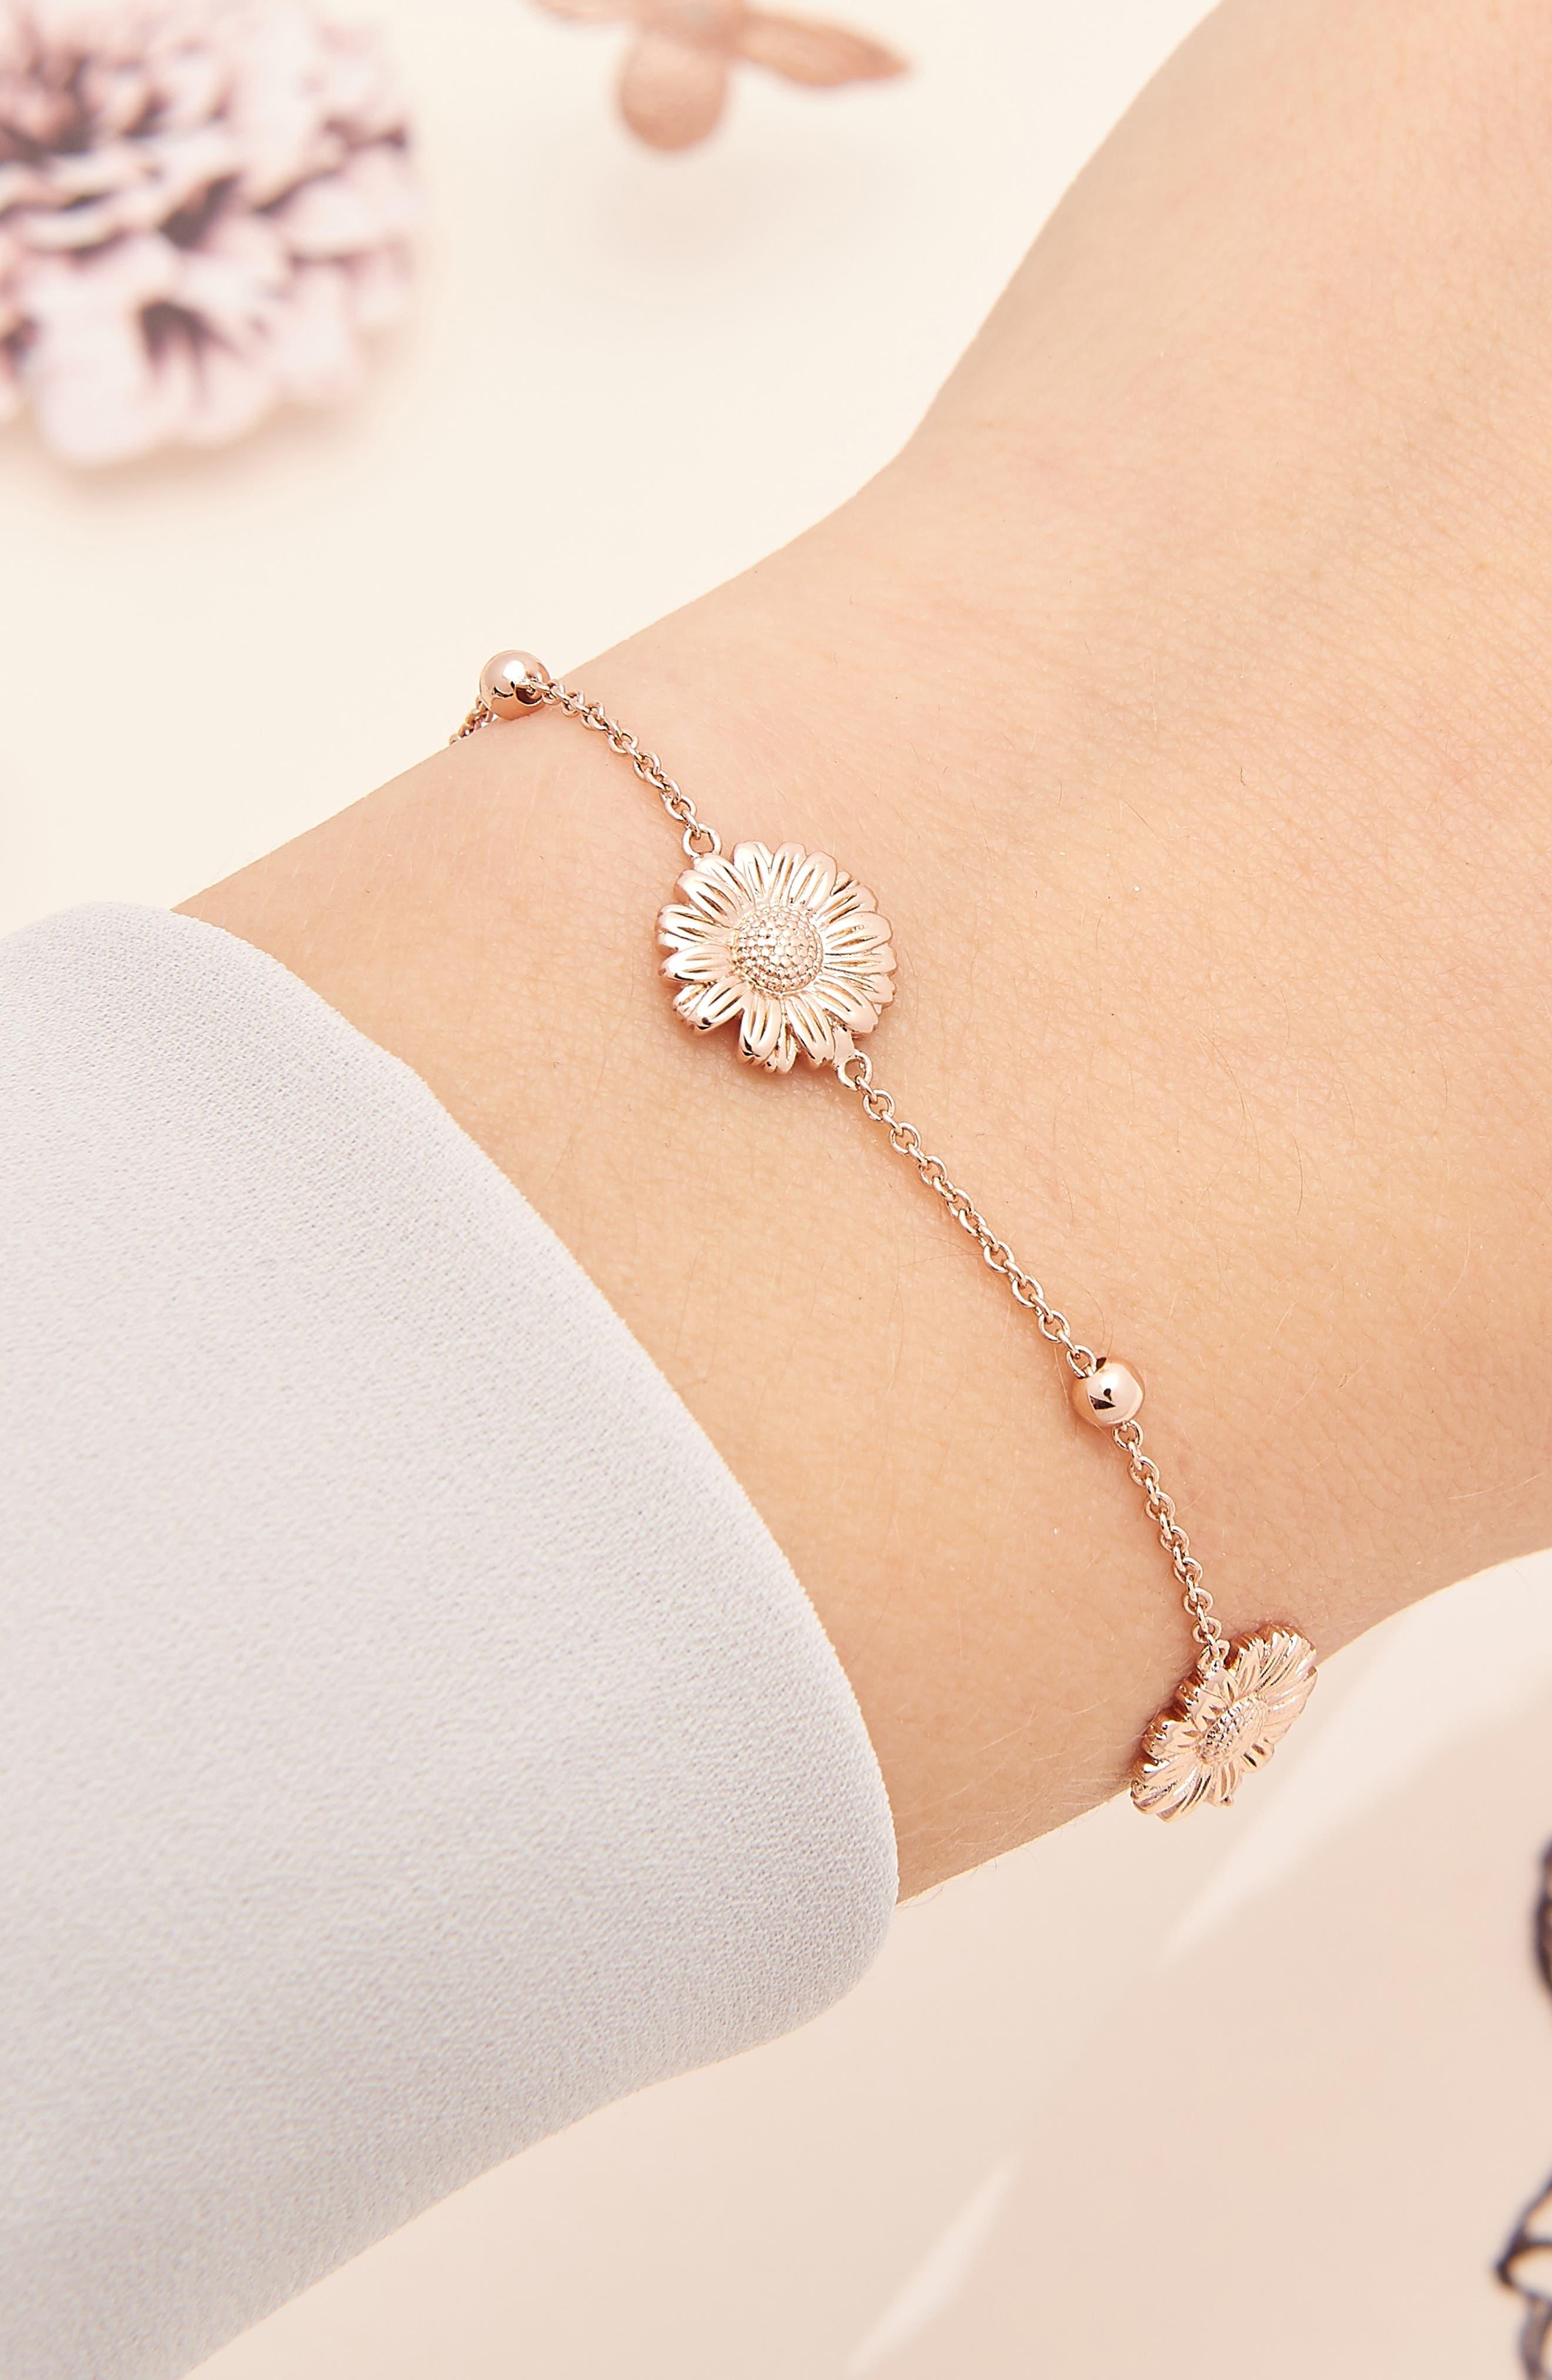 3D Daisy Ball Chain Bracelet,                             Alternate thumbnail 2, color,                             ROSE GOLD